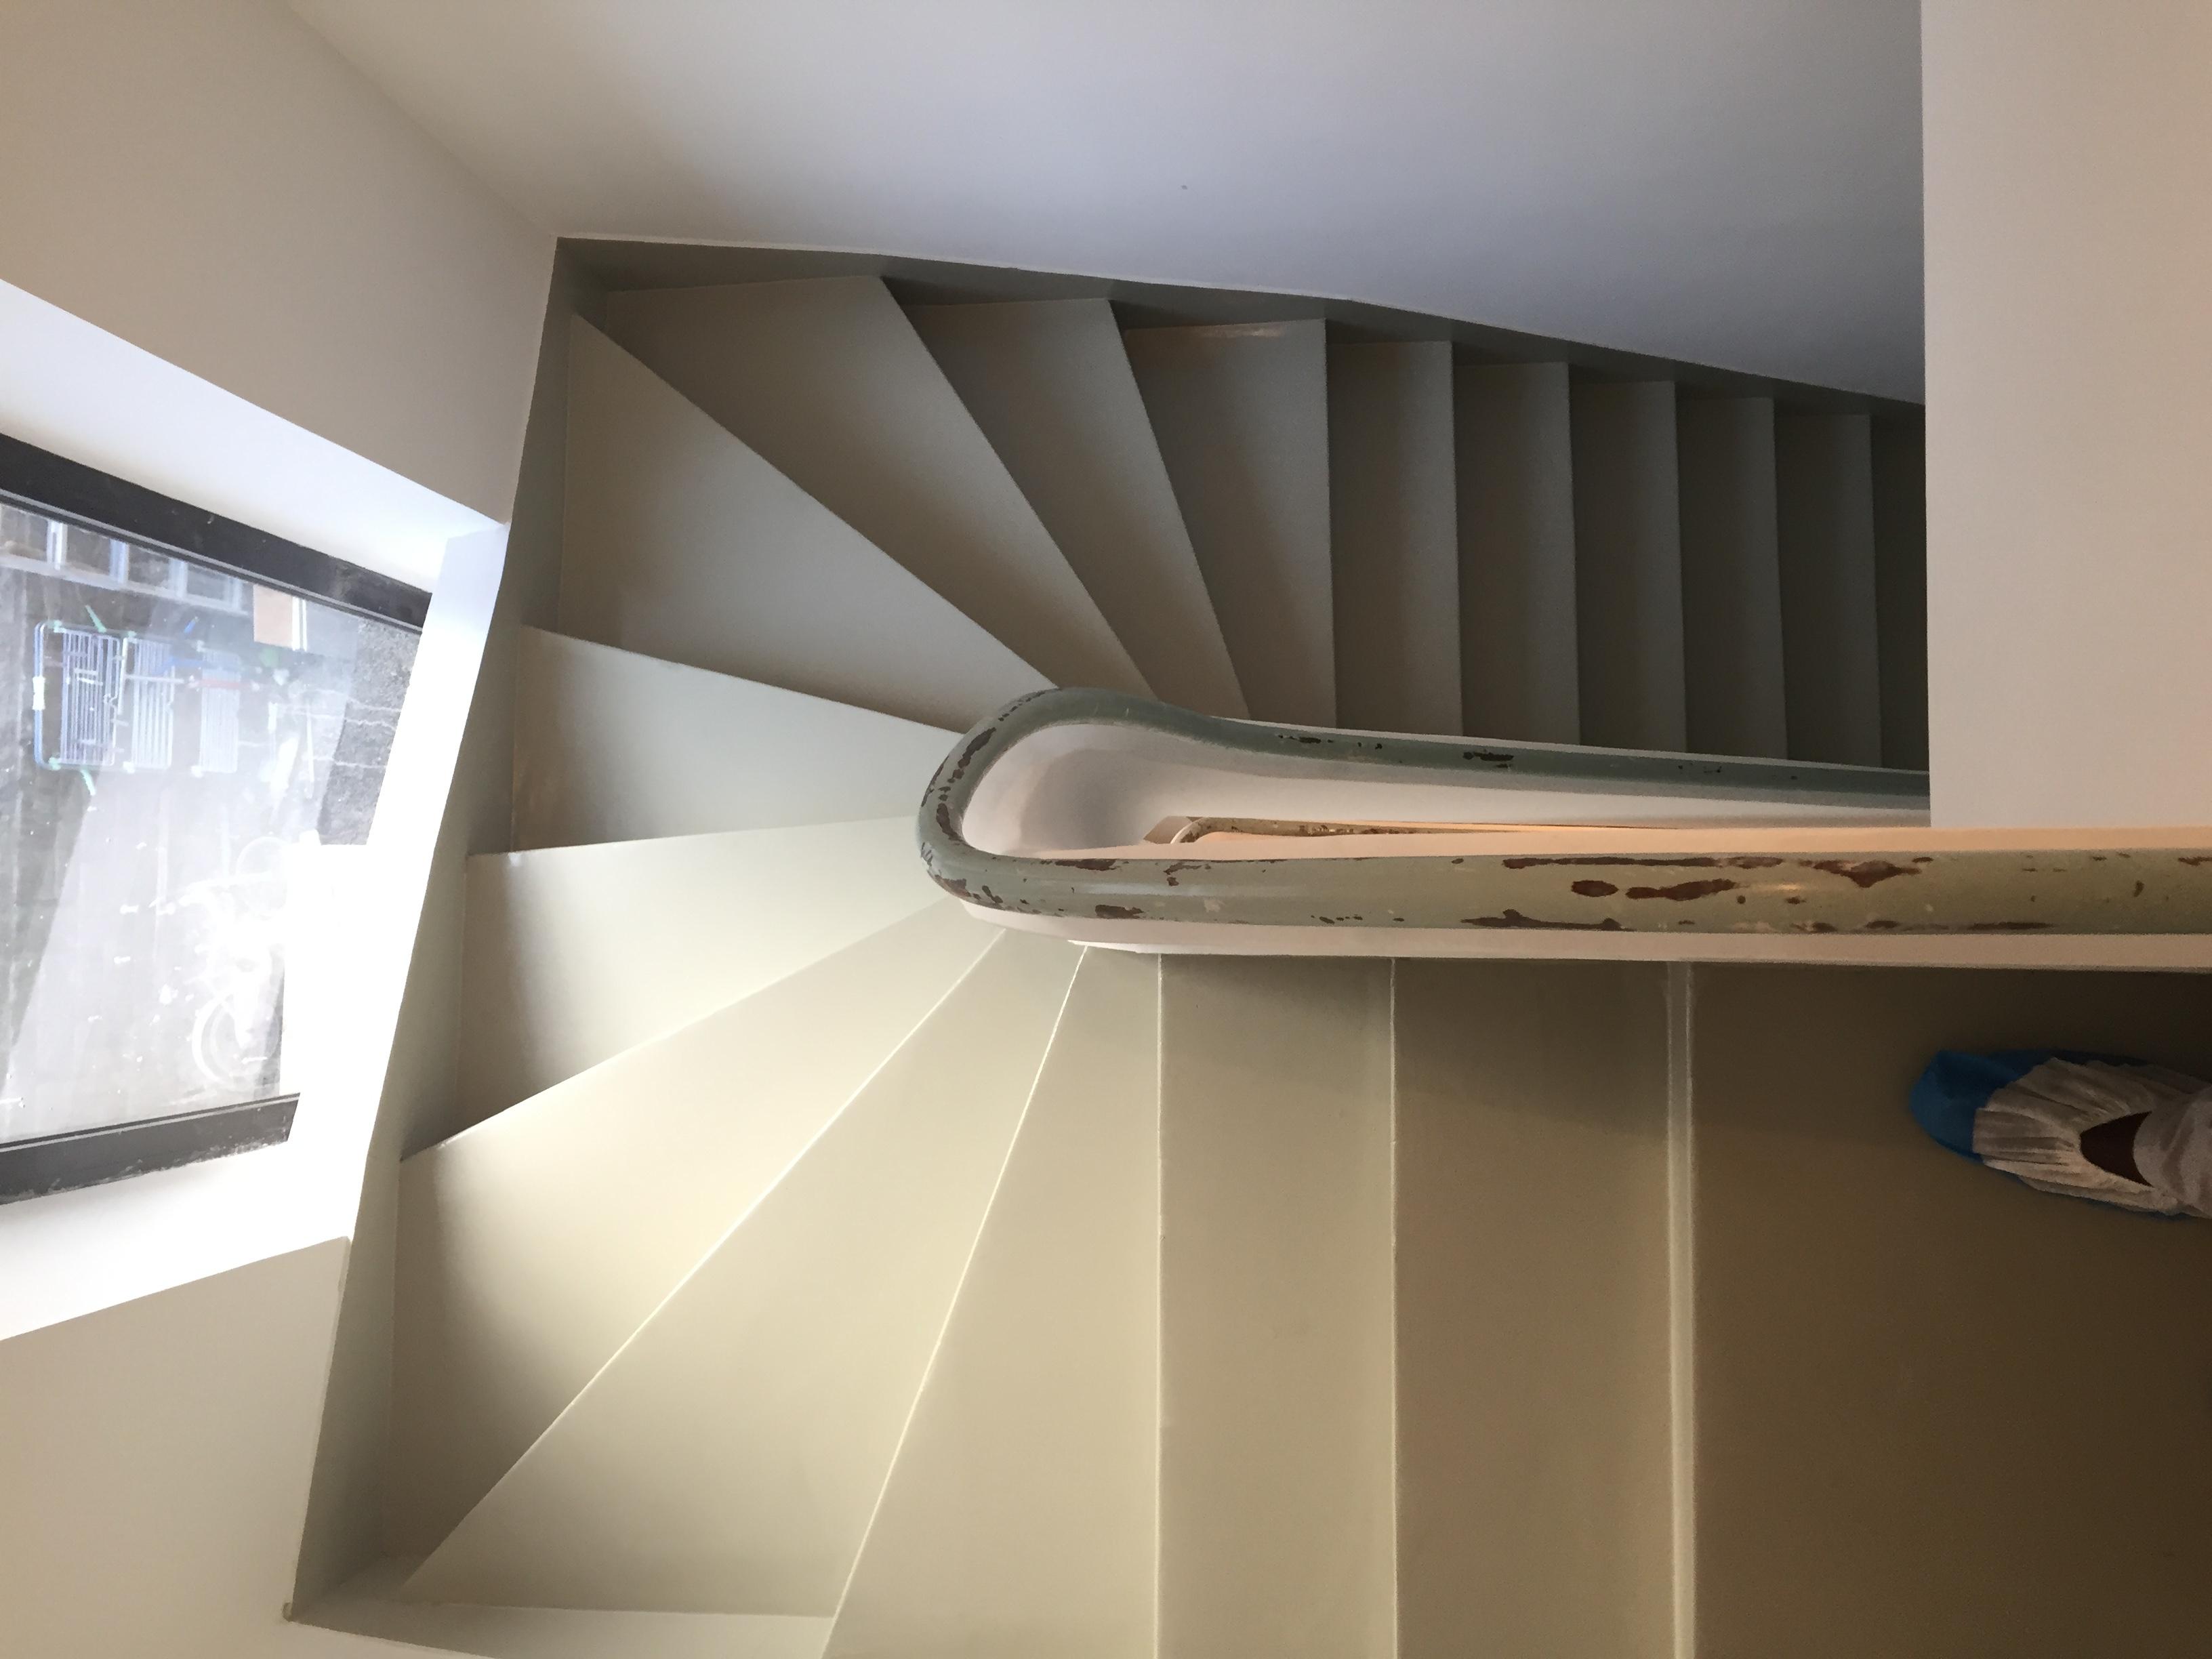 r sine de sol dans une maison d 39 habitation r novation. Black Bedroom Furniture Sets. Home Design Ideas